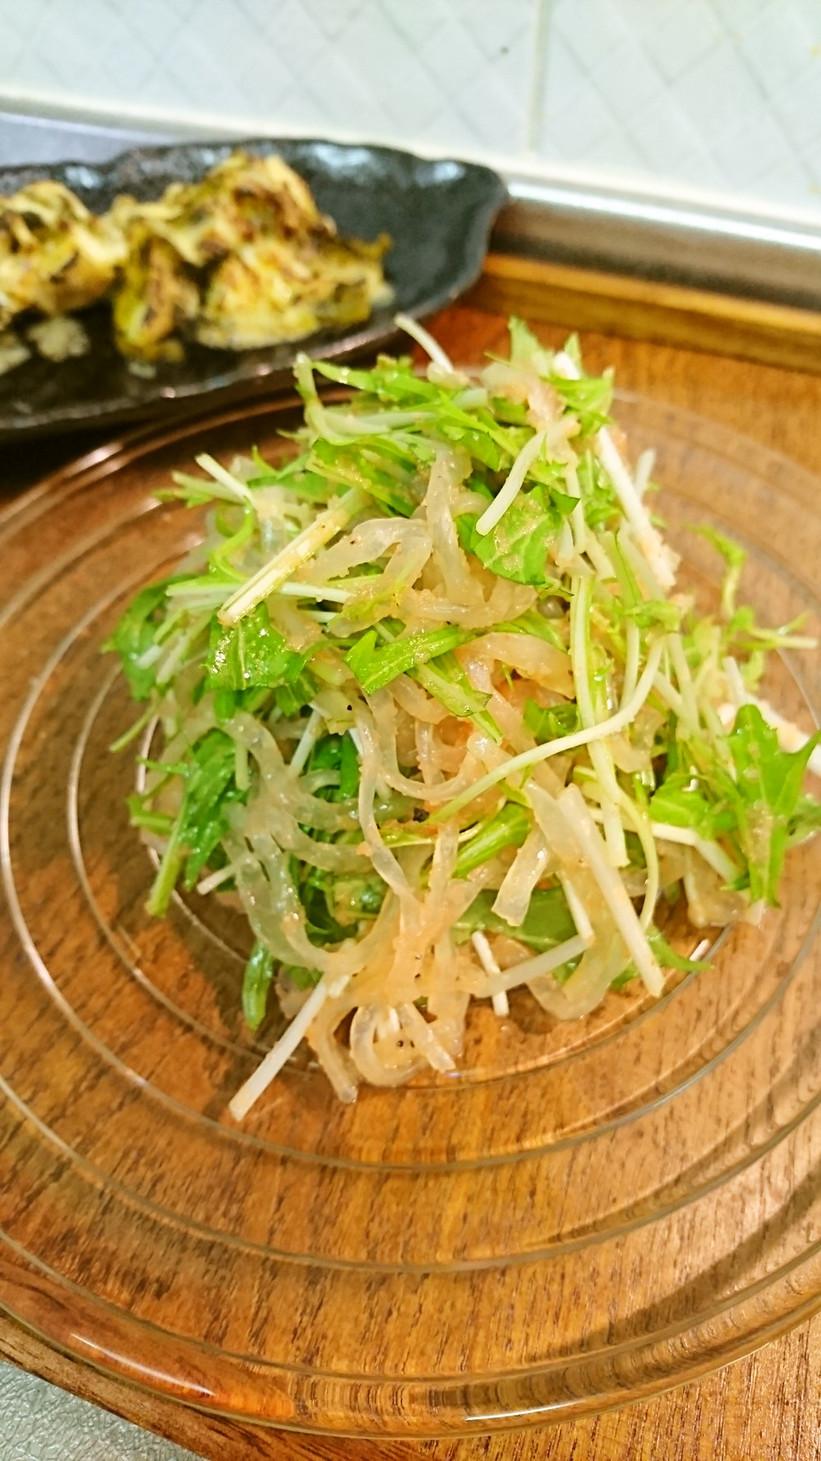 糸こんにゃくと水菜のサラダ・ダイエット?